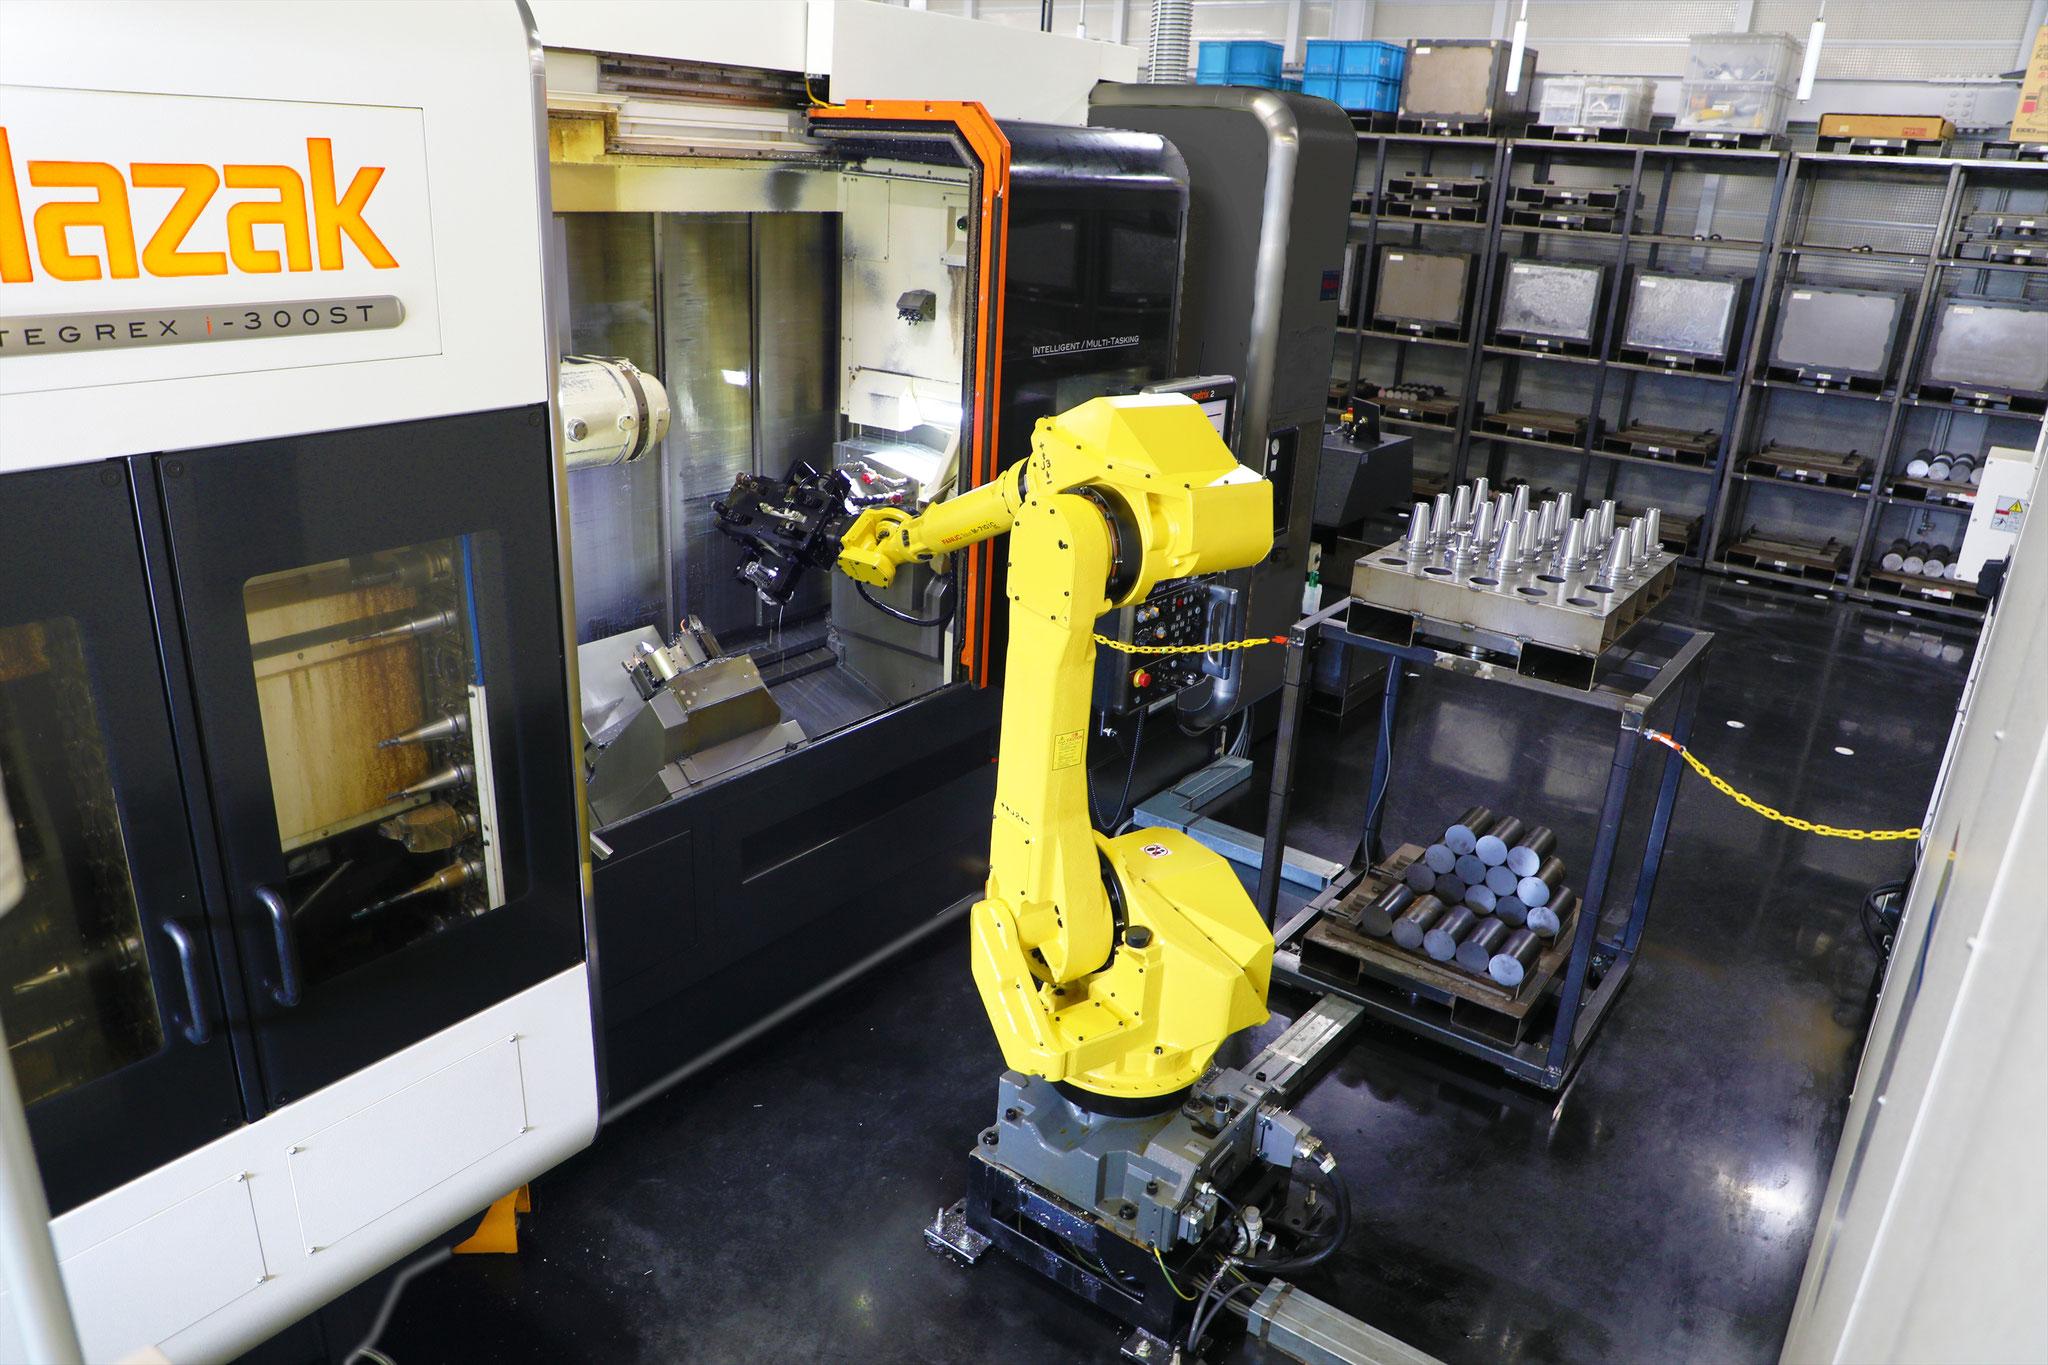 産業用ロボットを用いた自動加工